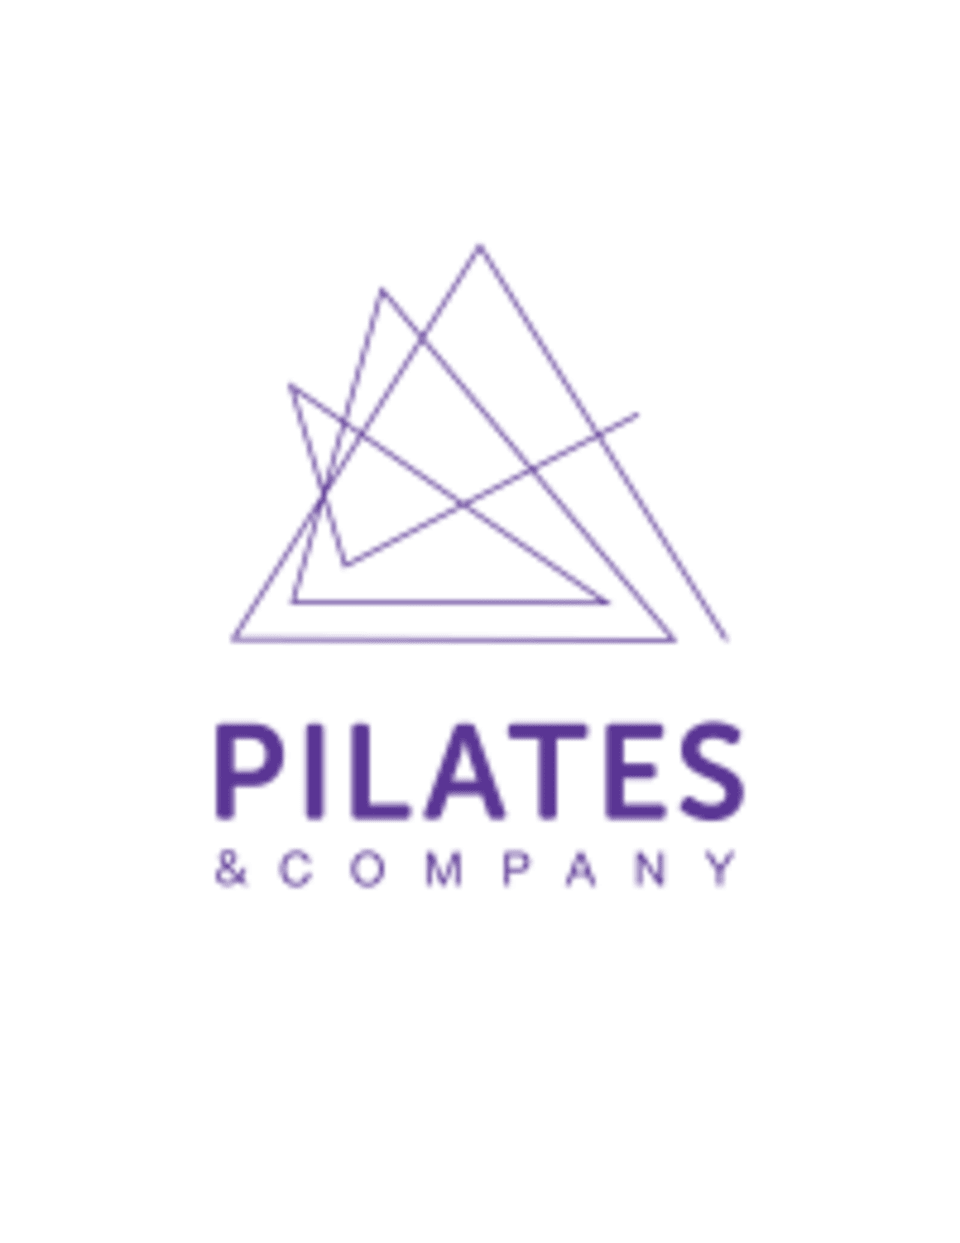 Pilates and Company logo